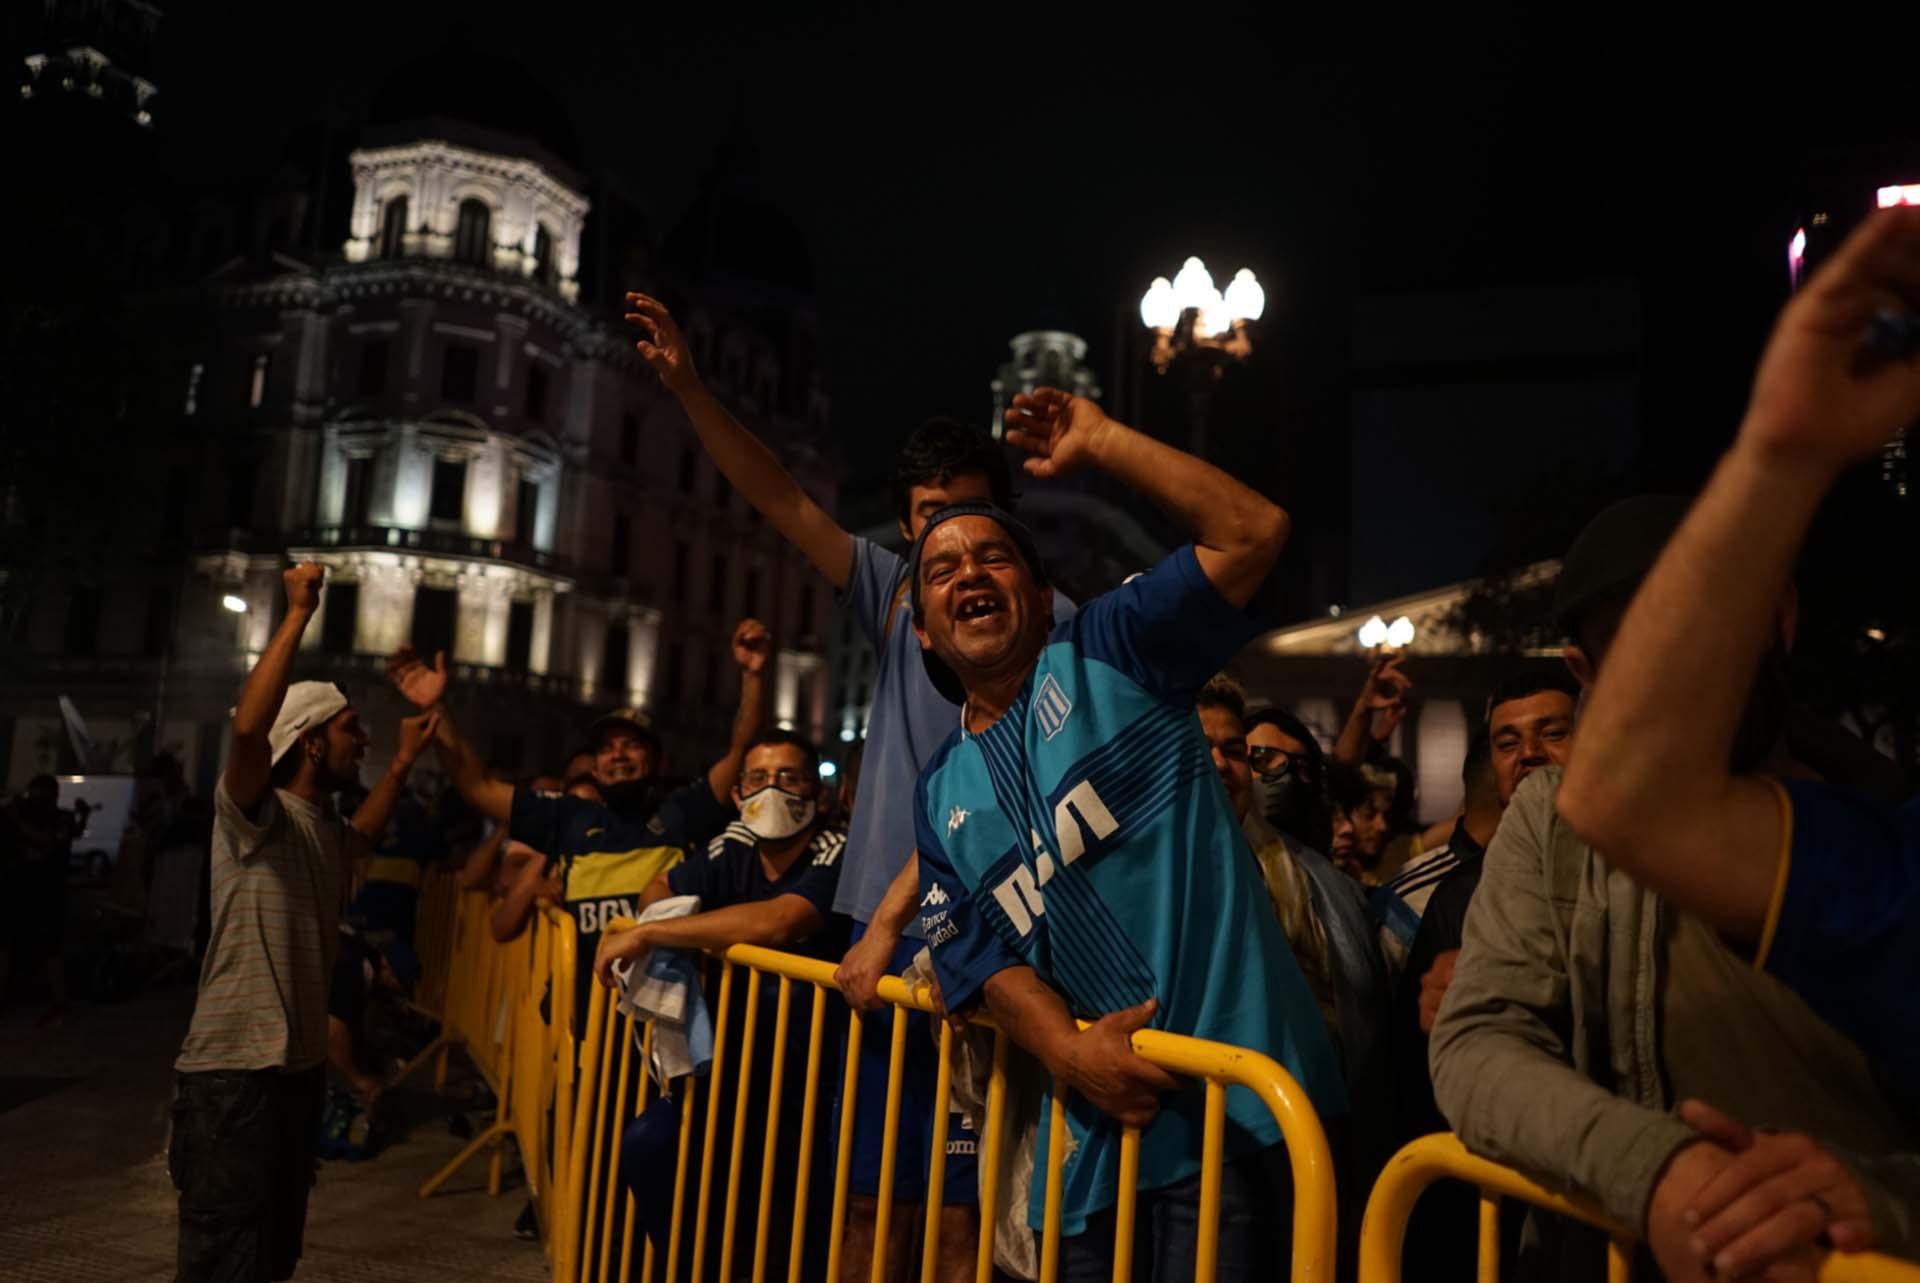 Hinchas de Racing y de Boca. También se vieron de River, San Lorenzo, Independiente y Gimnasia de La Plata durante la vigilia. El Diego, pasión de multitudes